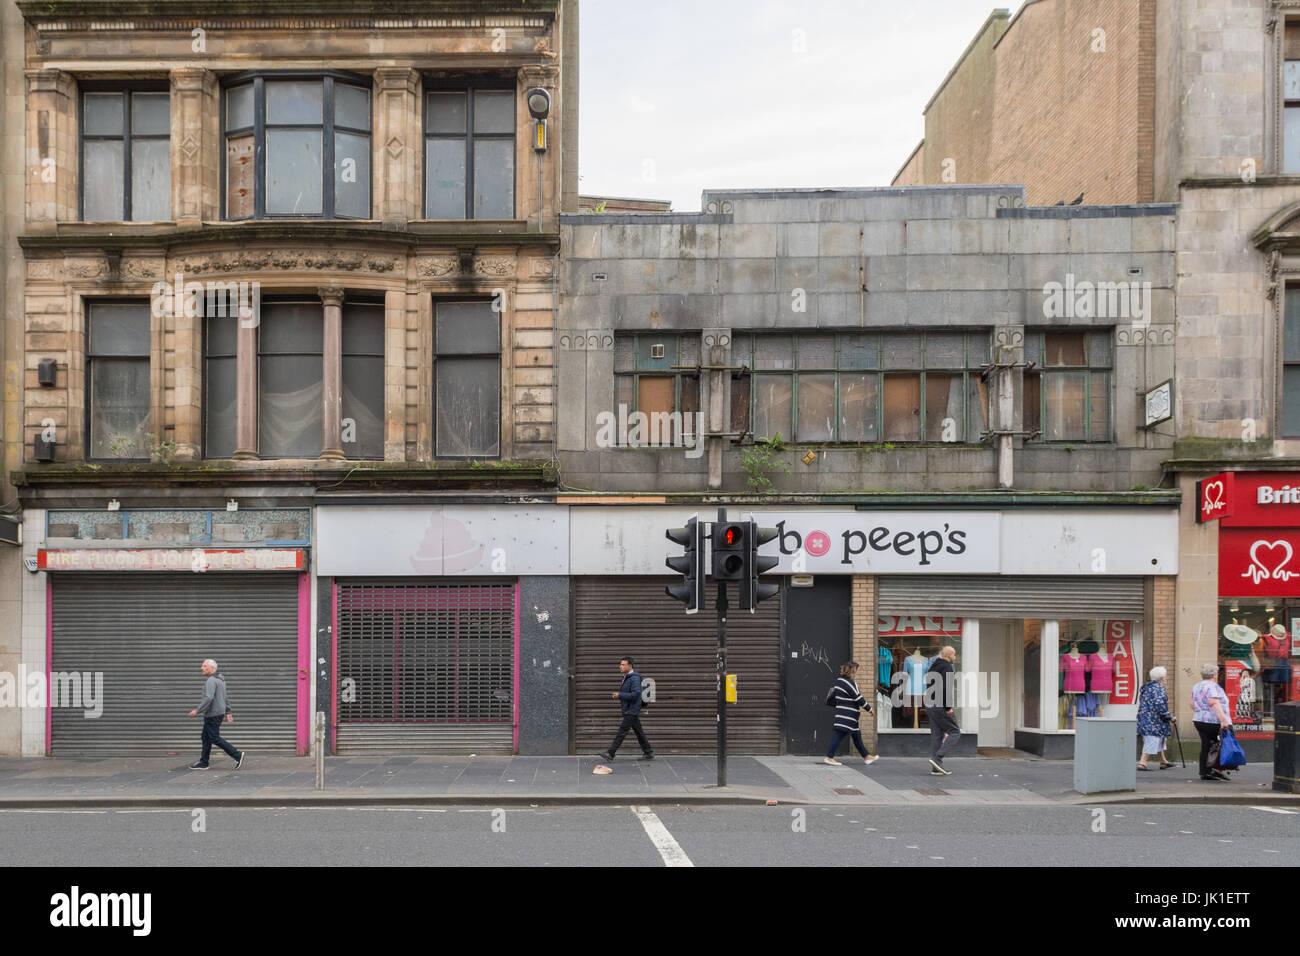 Tiendas vacías y propiedades comerciales y edificios ruinosos en Trongate, Glasgow, Escocia, Reino Unido Imagen De Stock